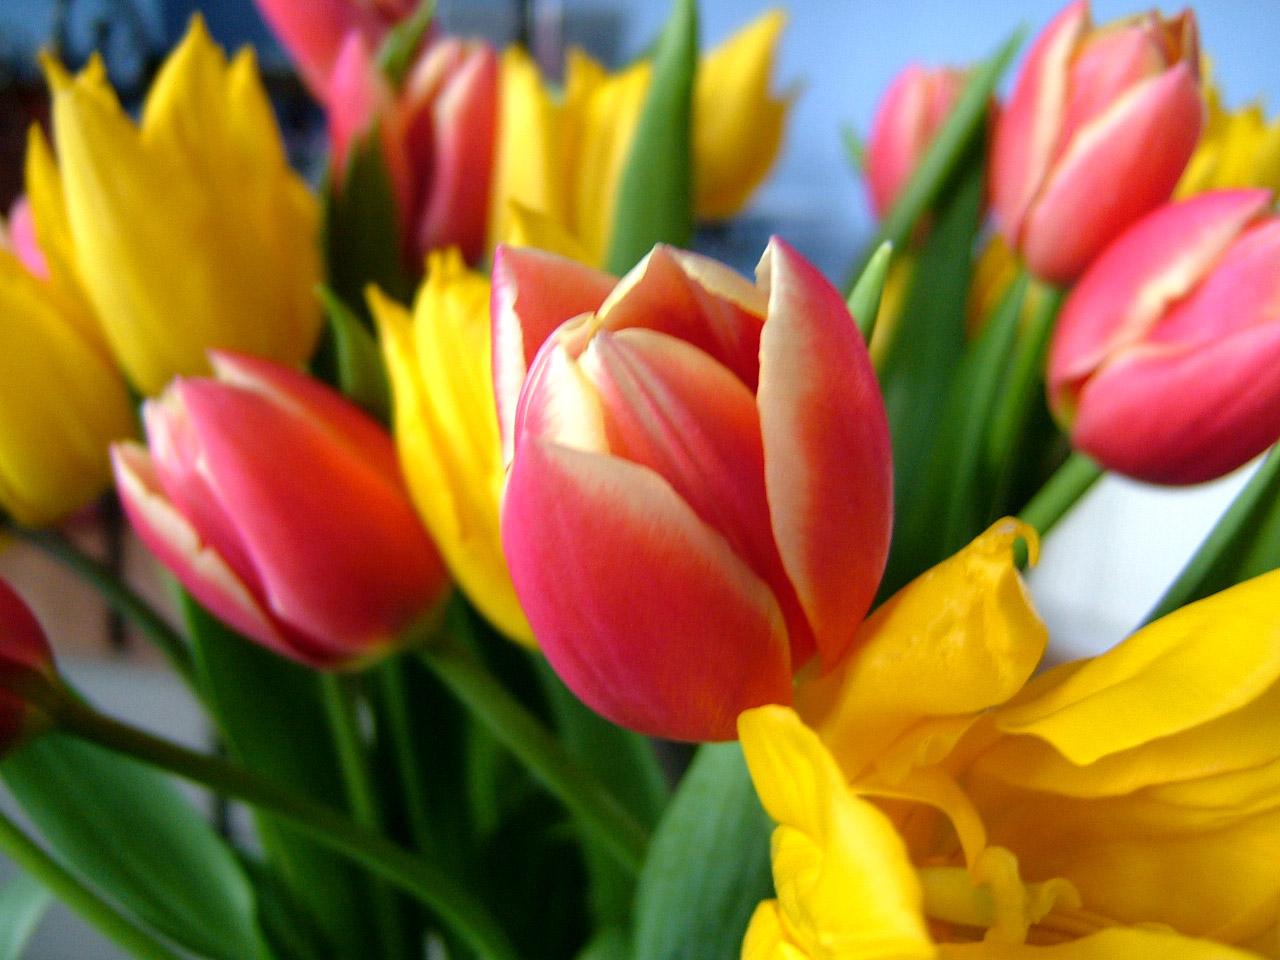 Flowers for new love interest